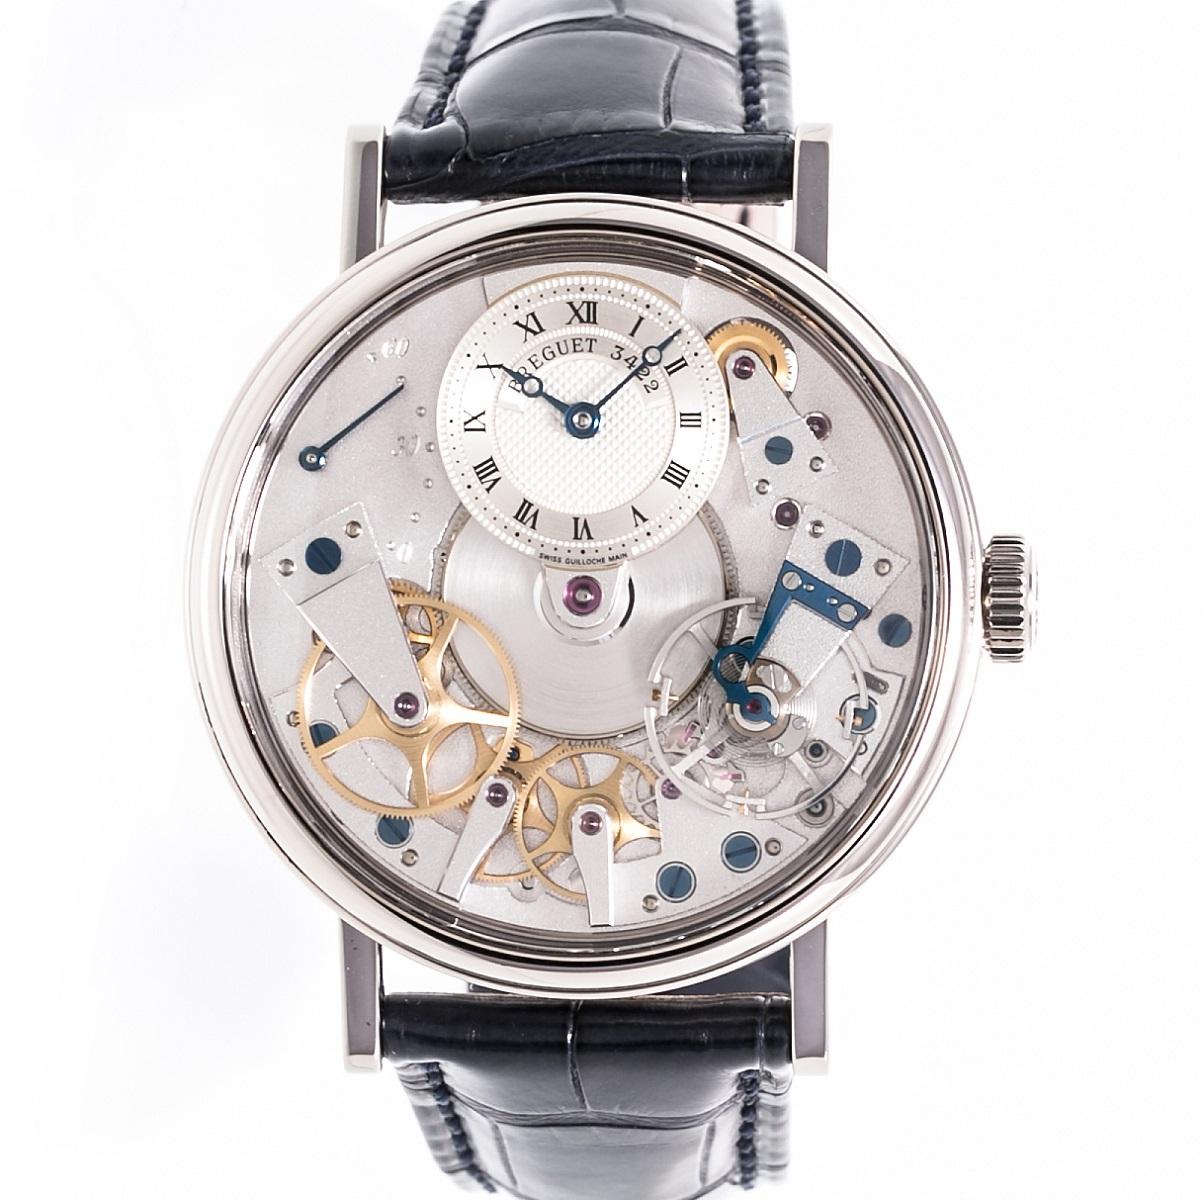 ブレゲ BREGUET トラディション 7037BB119V6 メンズ 腕時計 WG 革ベルト ホワイトゴールド AT 自動巻き 2010年式 裏スケルトン 送料無料 【トレジャースポット】【中古】